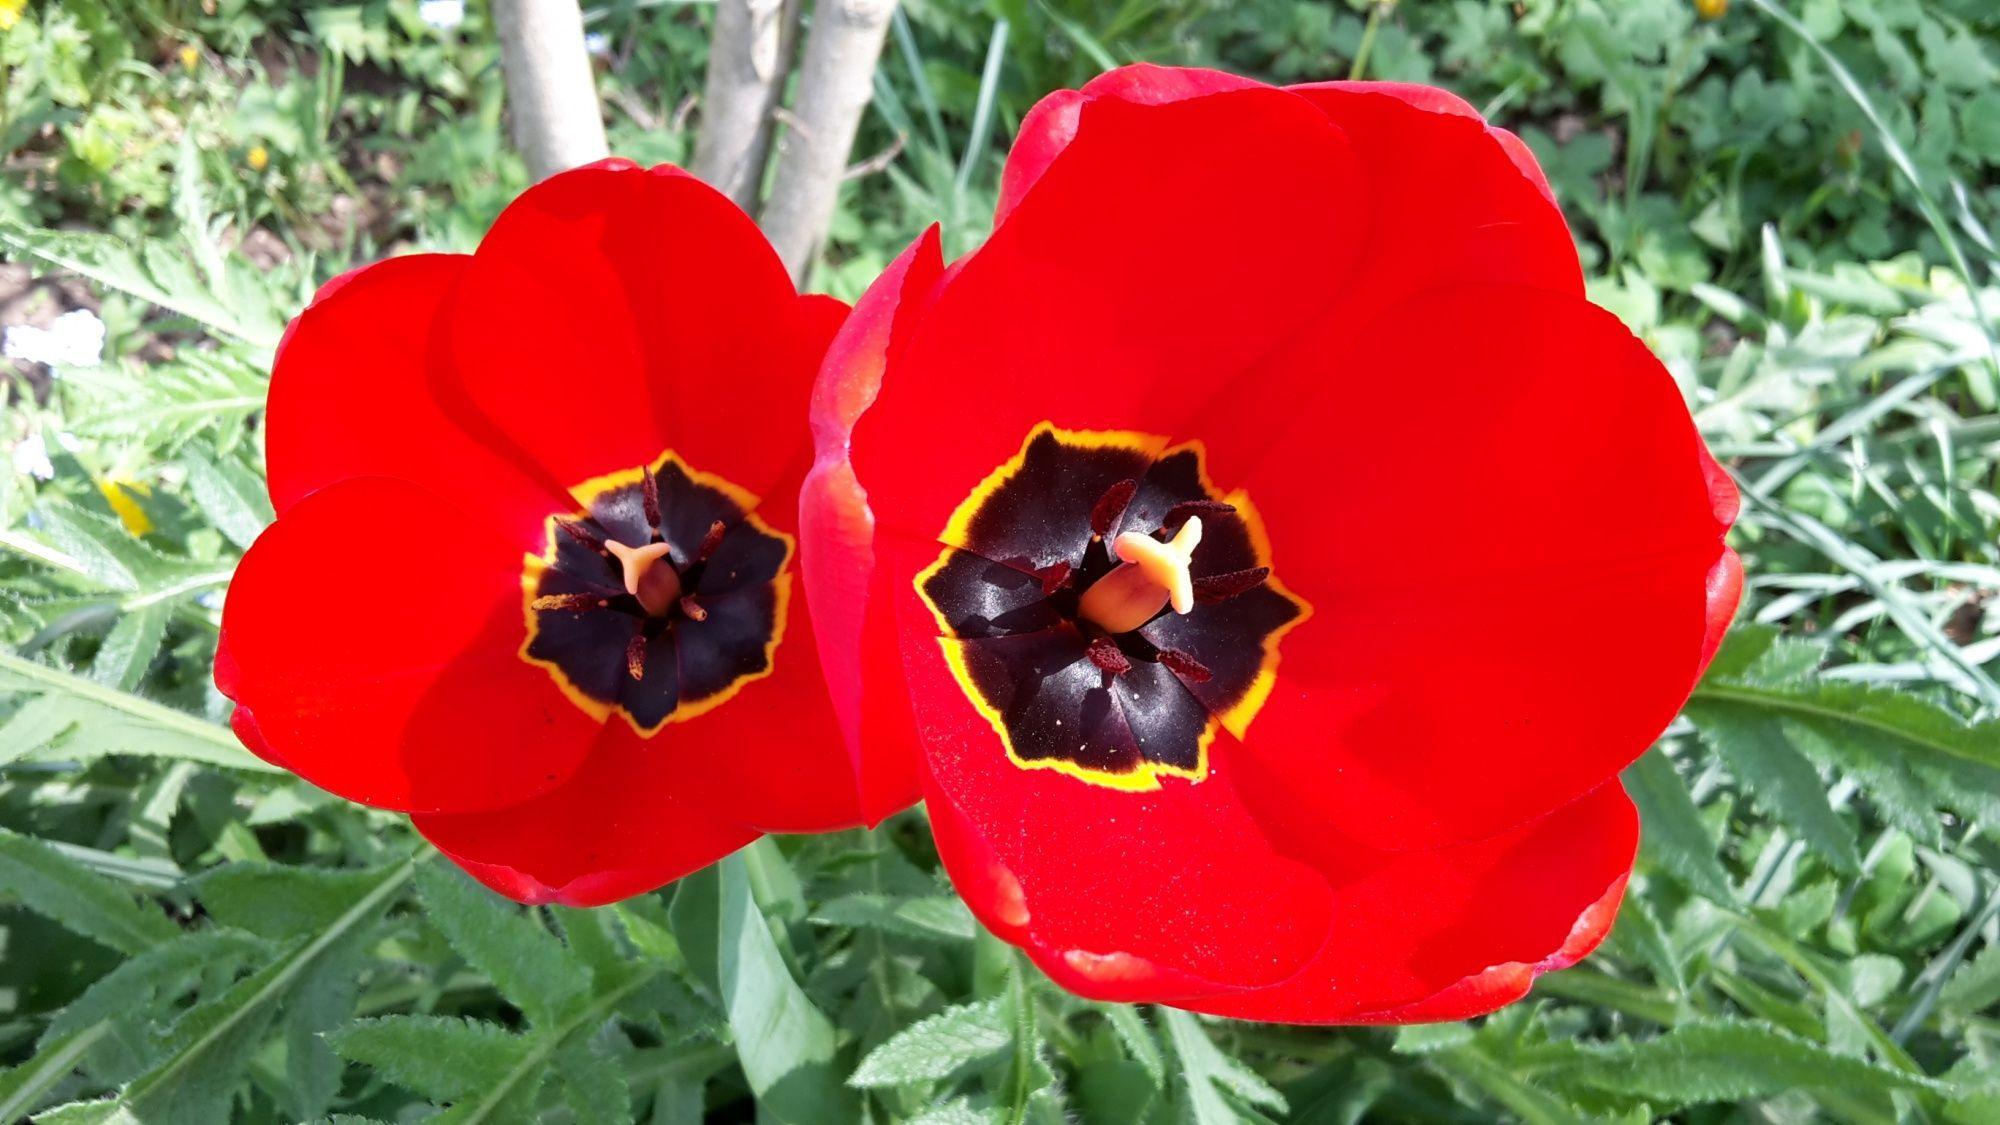 tulipány otevřely své kalichy